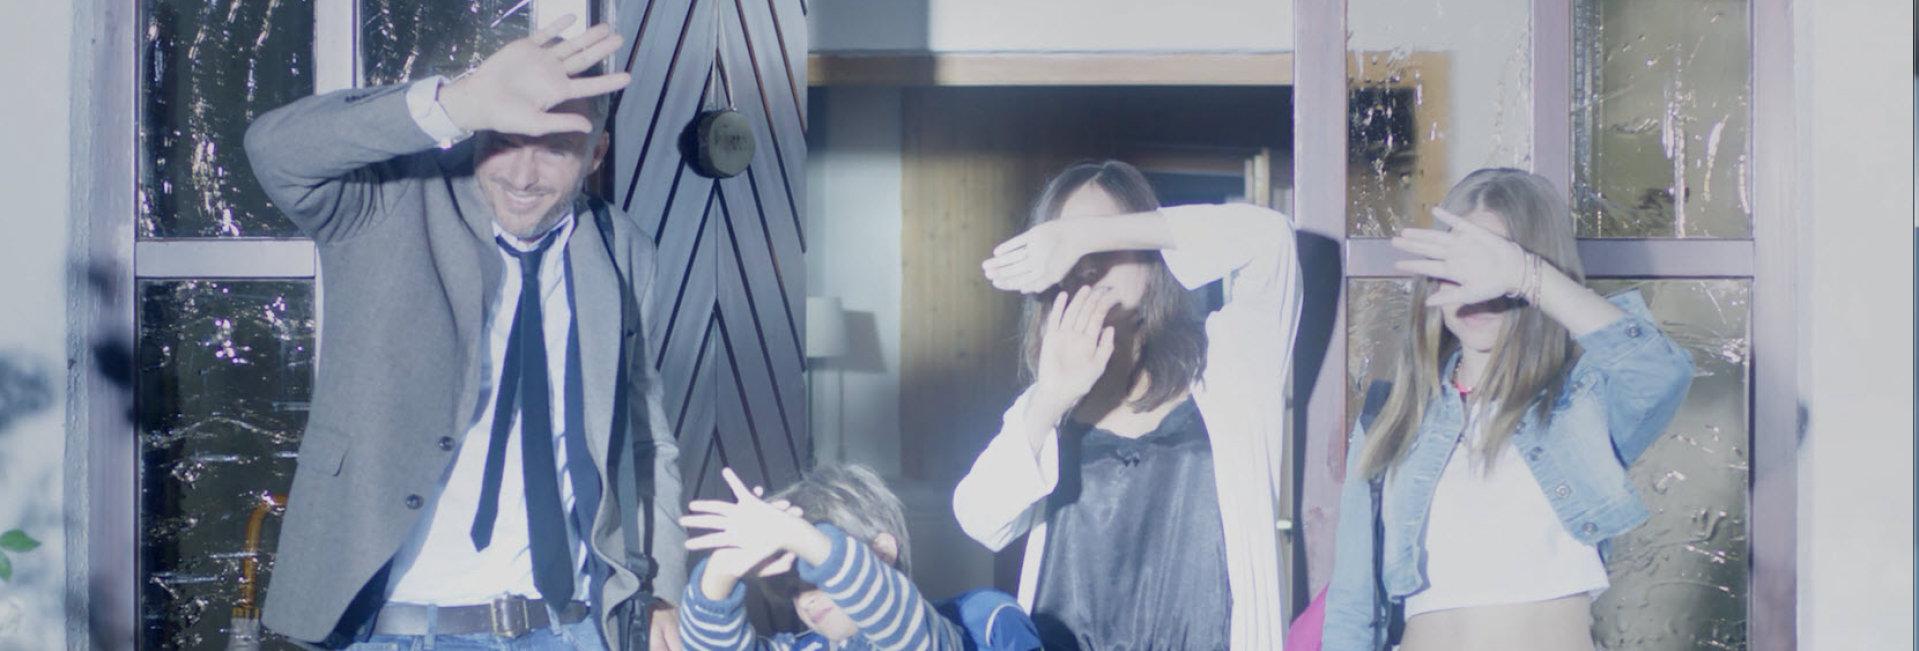 Familie, die von XENARC NIGHT BREAKER UNLIMITED-Lampen geblendet wird